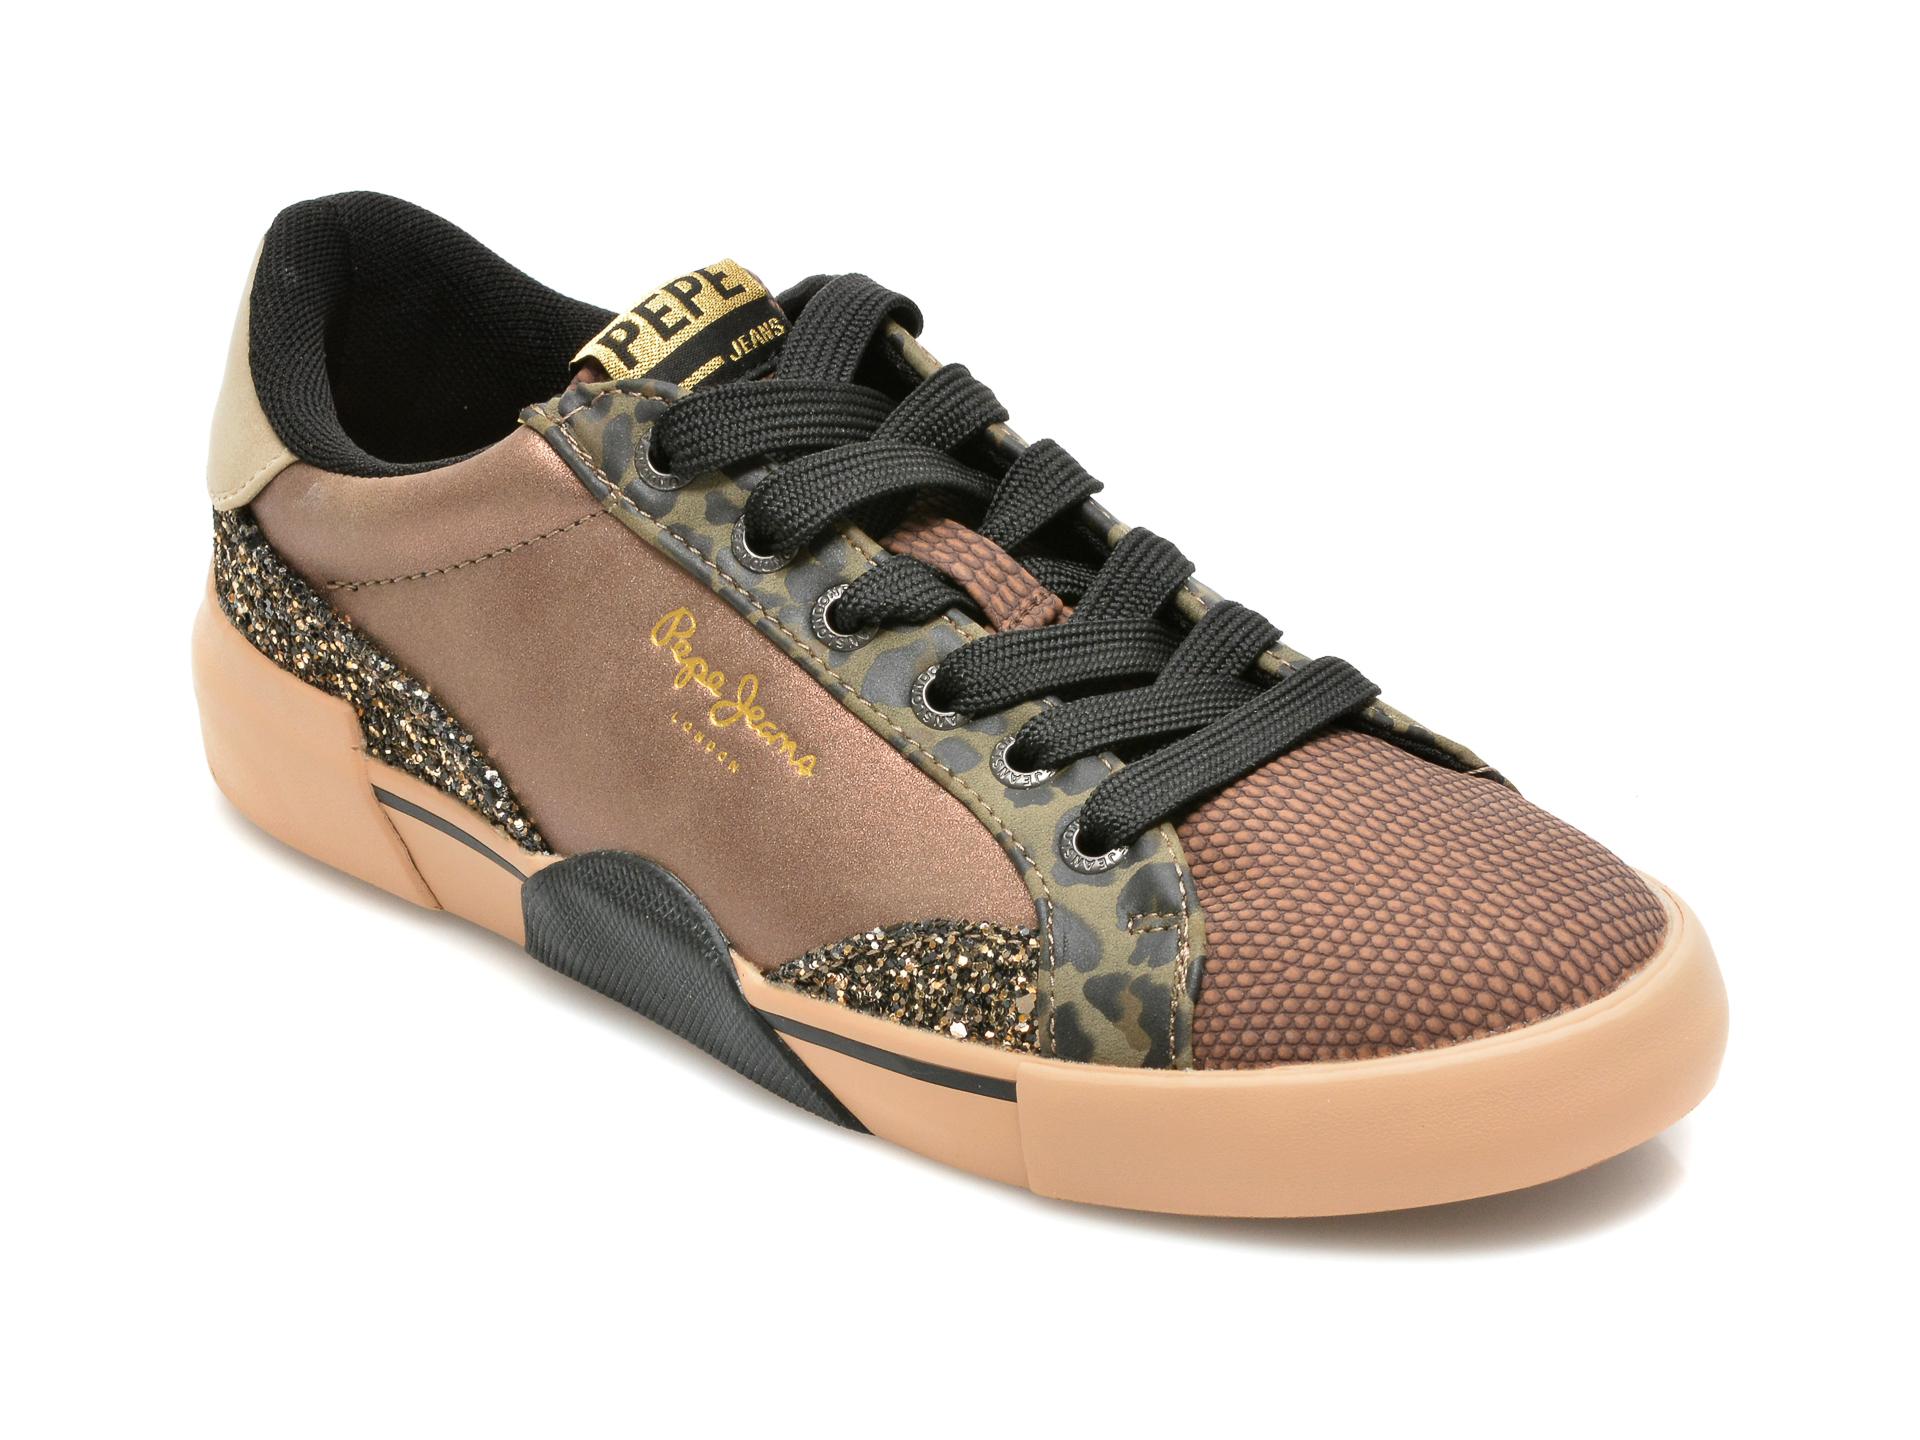 Pantofi sport PEPE JEANS maro, LS31239, din piele ecologica